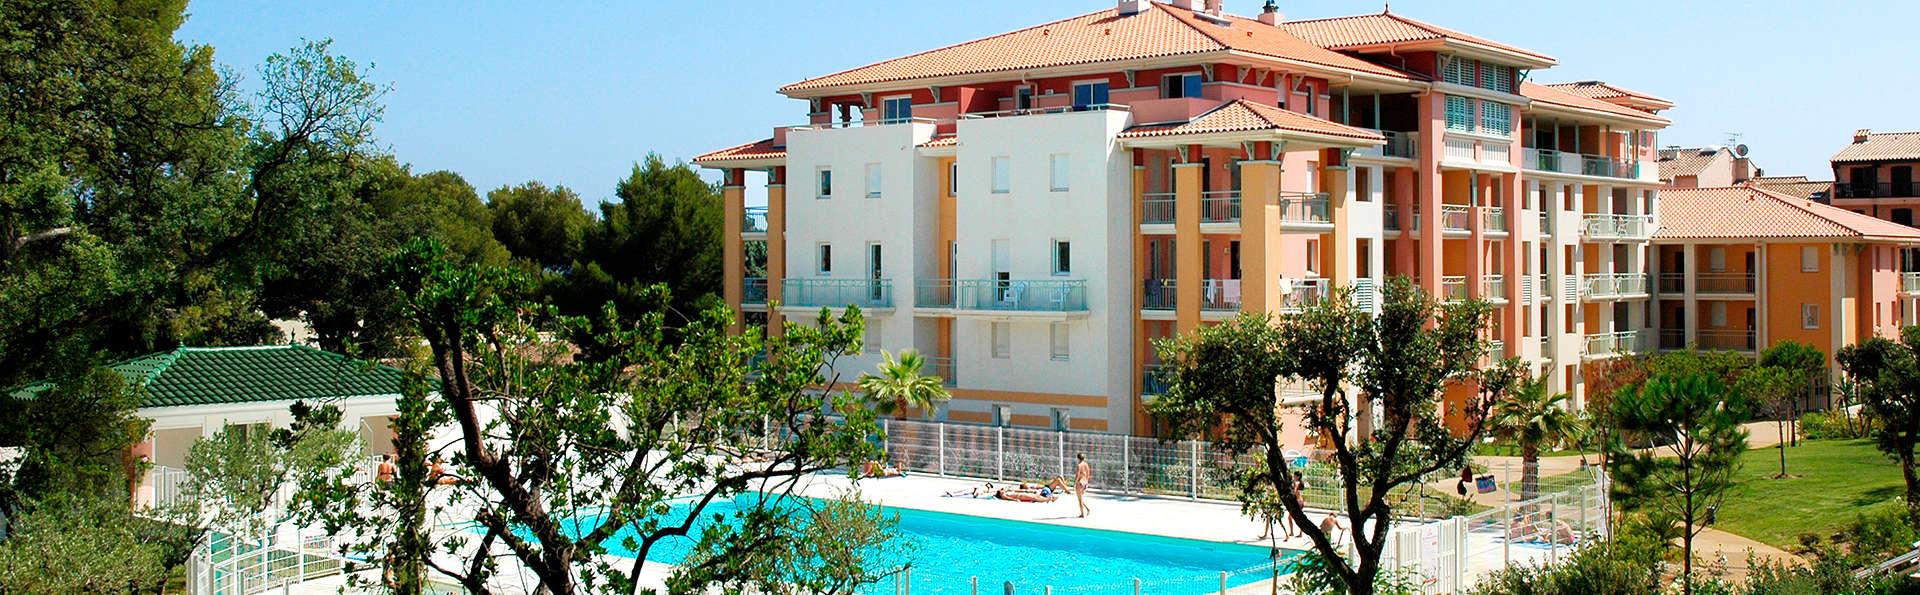 Coralia By Vacancéole Résidence Les Calanques du Parc - Edit_Pool2.jpg